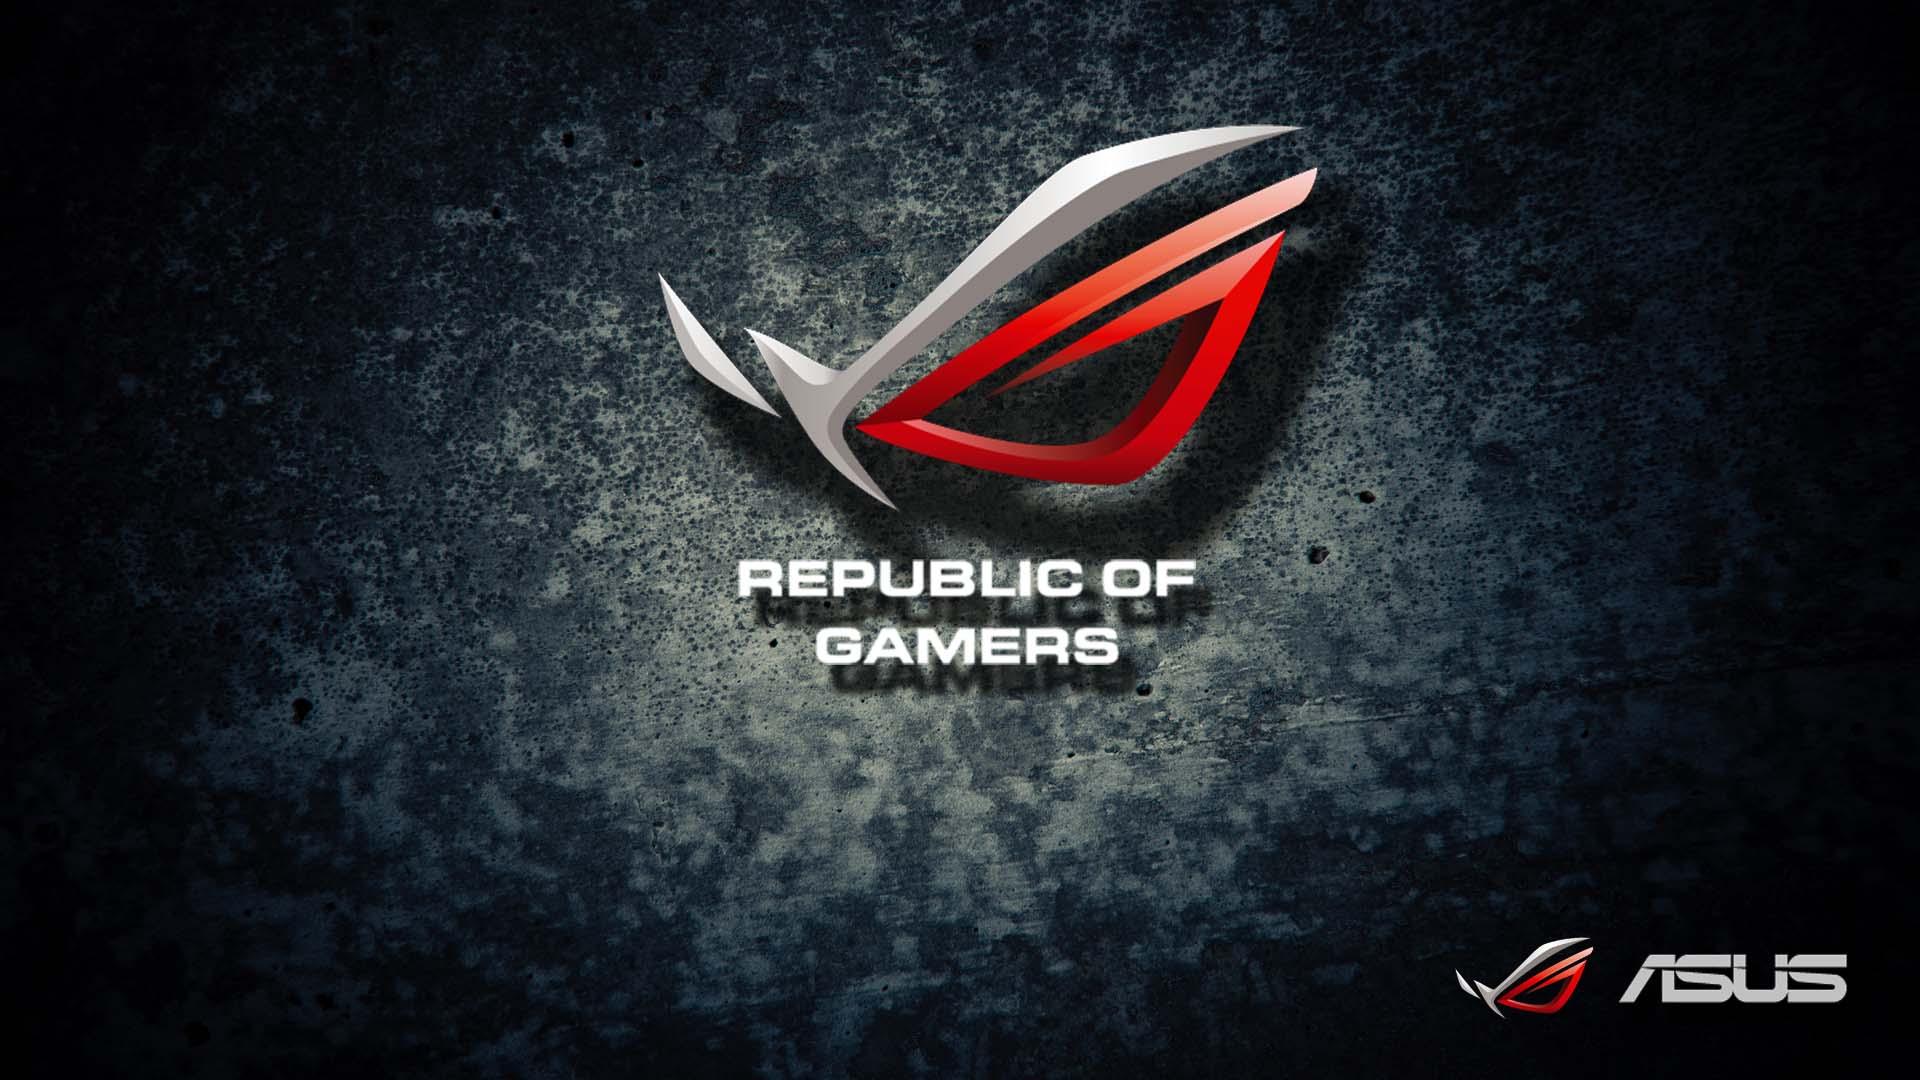 ASUS Republic Of Gamers Wallpaper 1920x1080